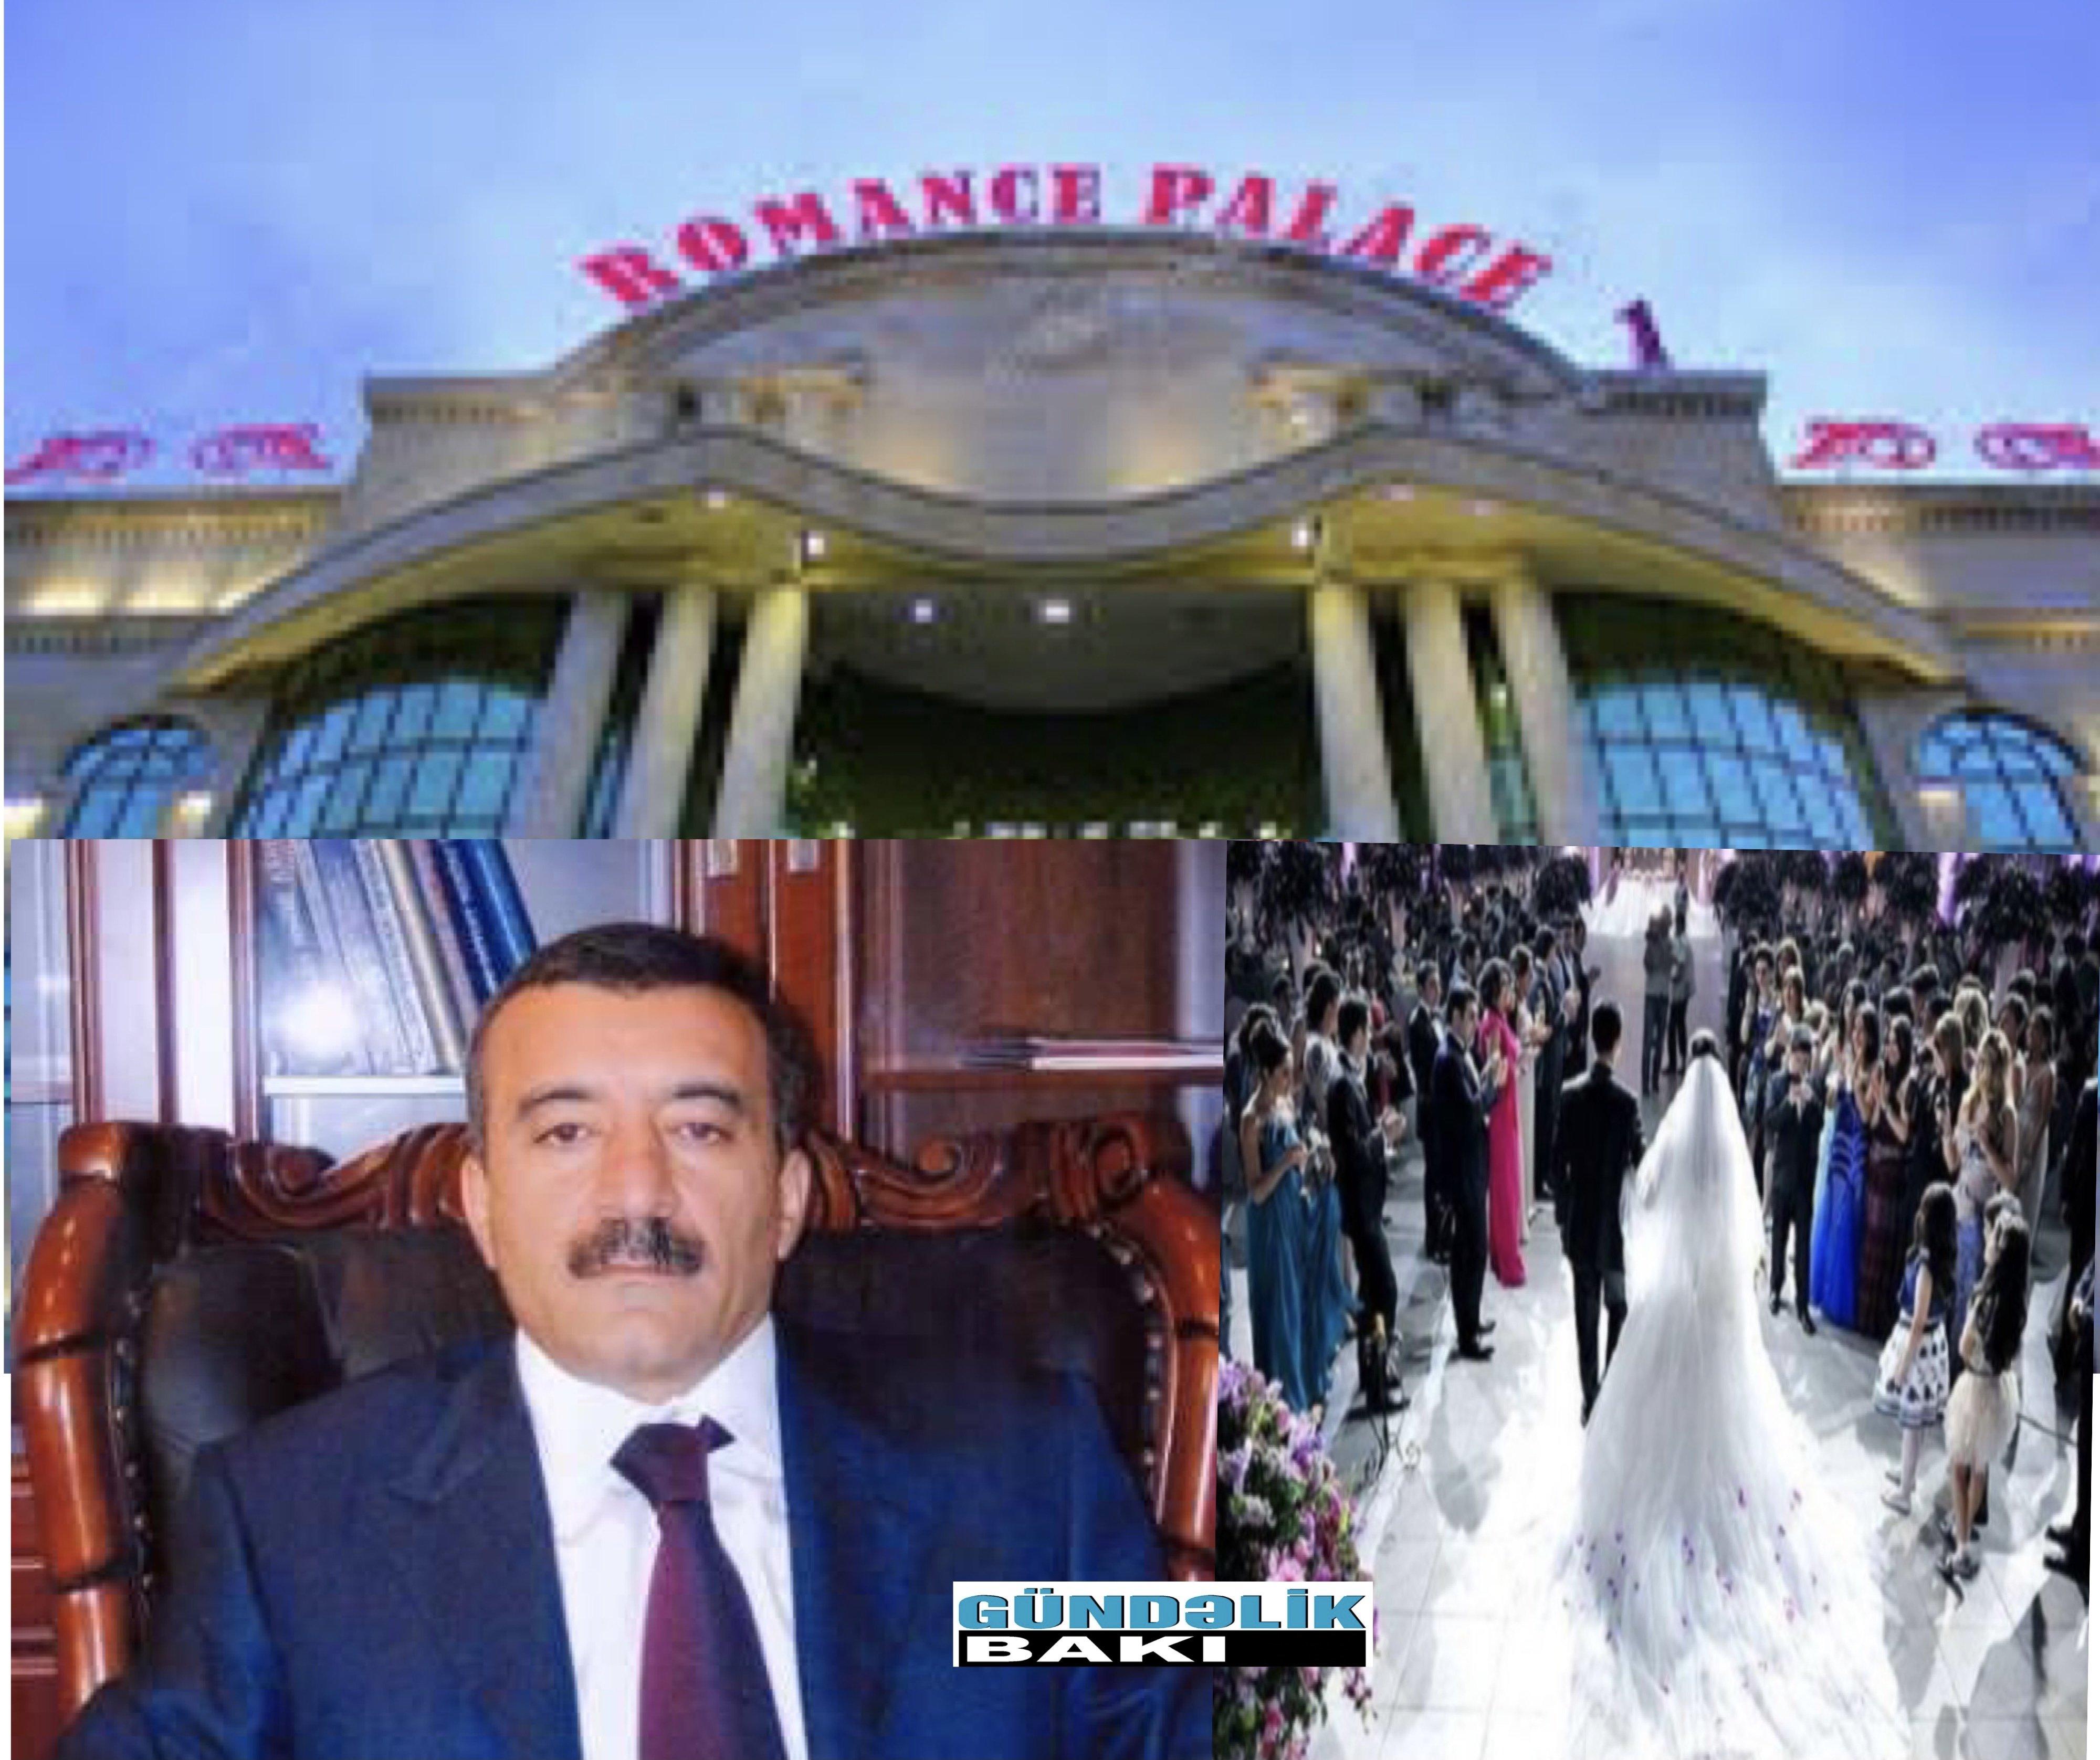 """Karantin vaxtı toy mərasimi keçirilən """"Romance palace""""ın sahibi İman Quliyev kimdir ? - Real TV-nin sahibi ölkə qanunlarını niyə pozur ?"""